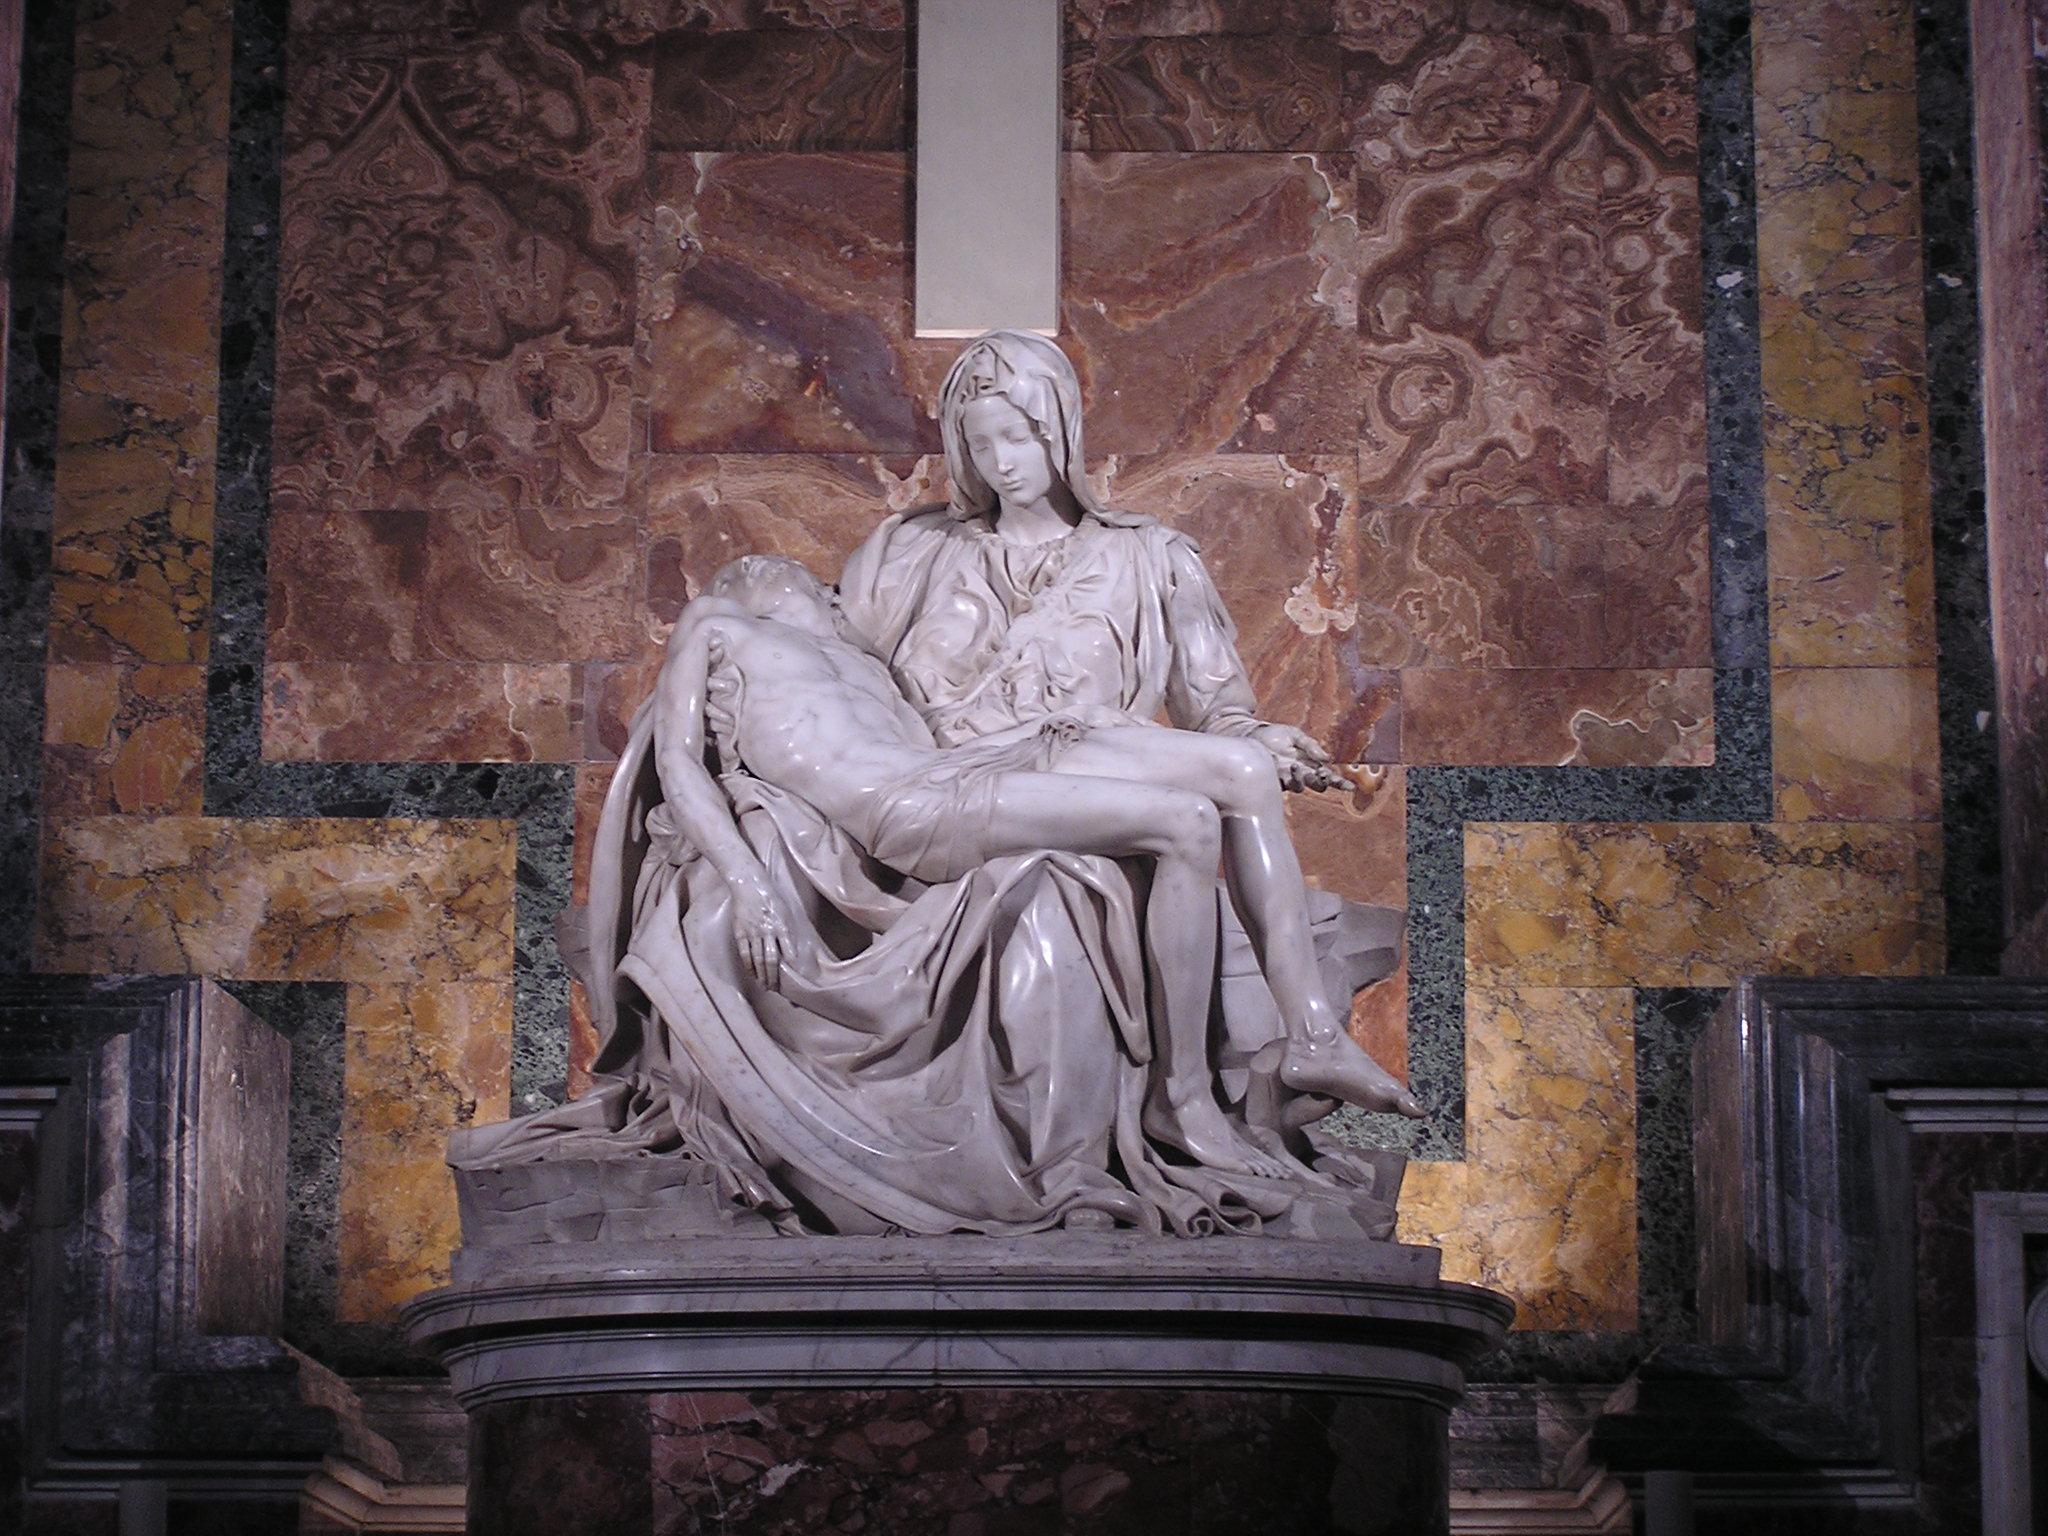 Pietà de Michel-Ange - Vatican